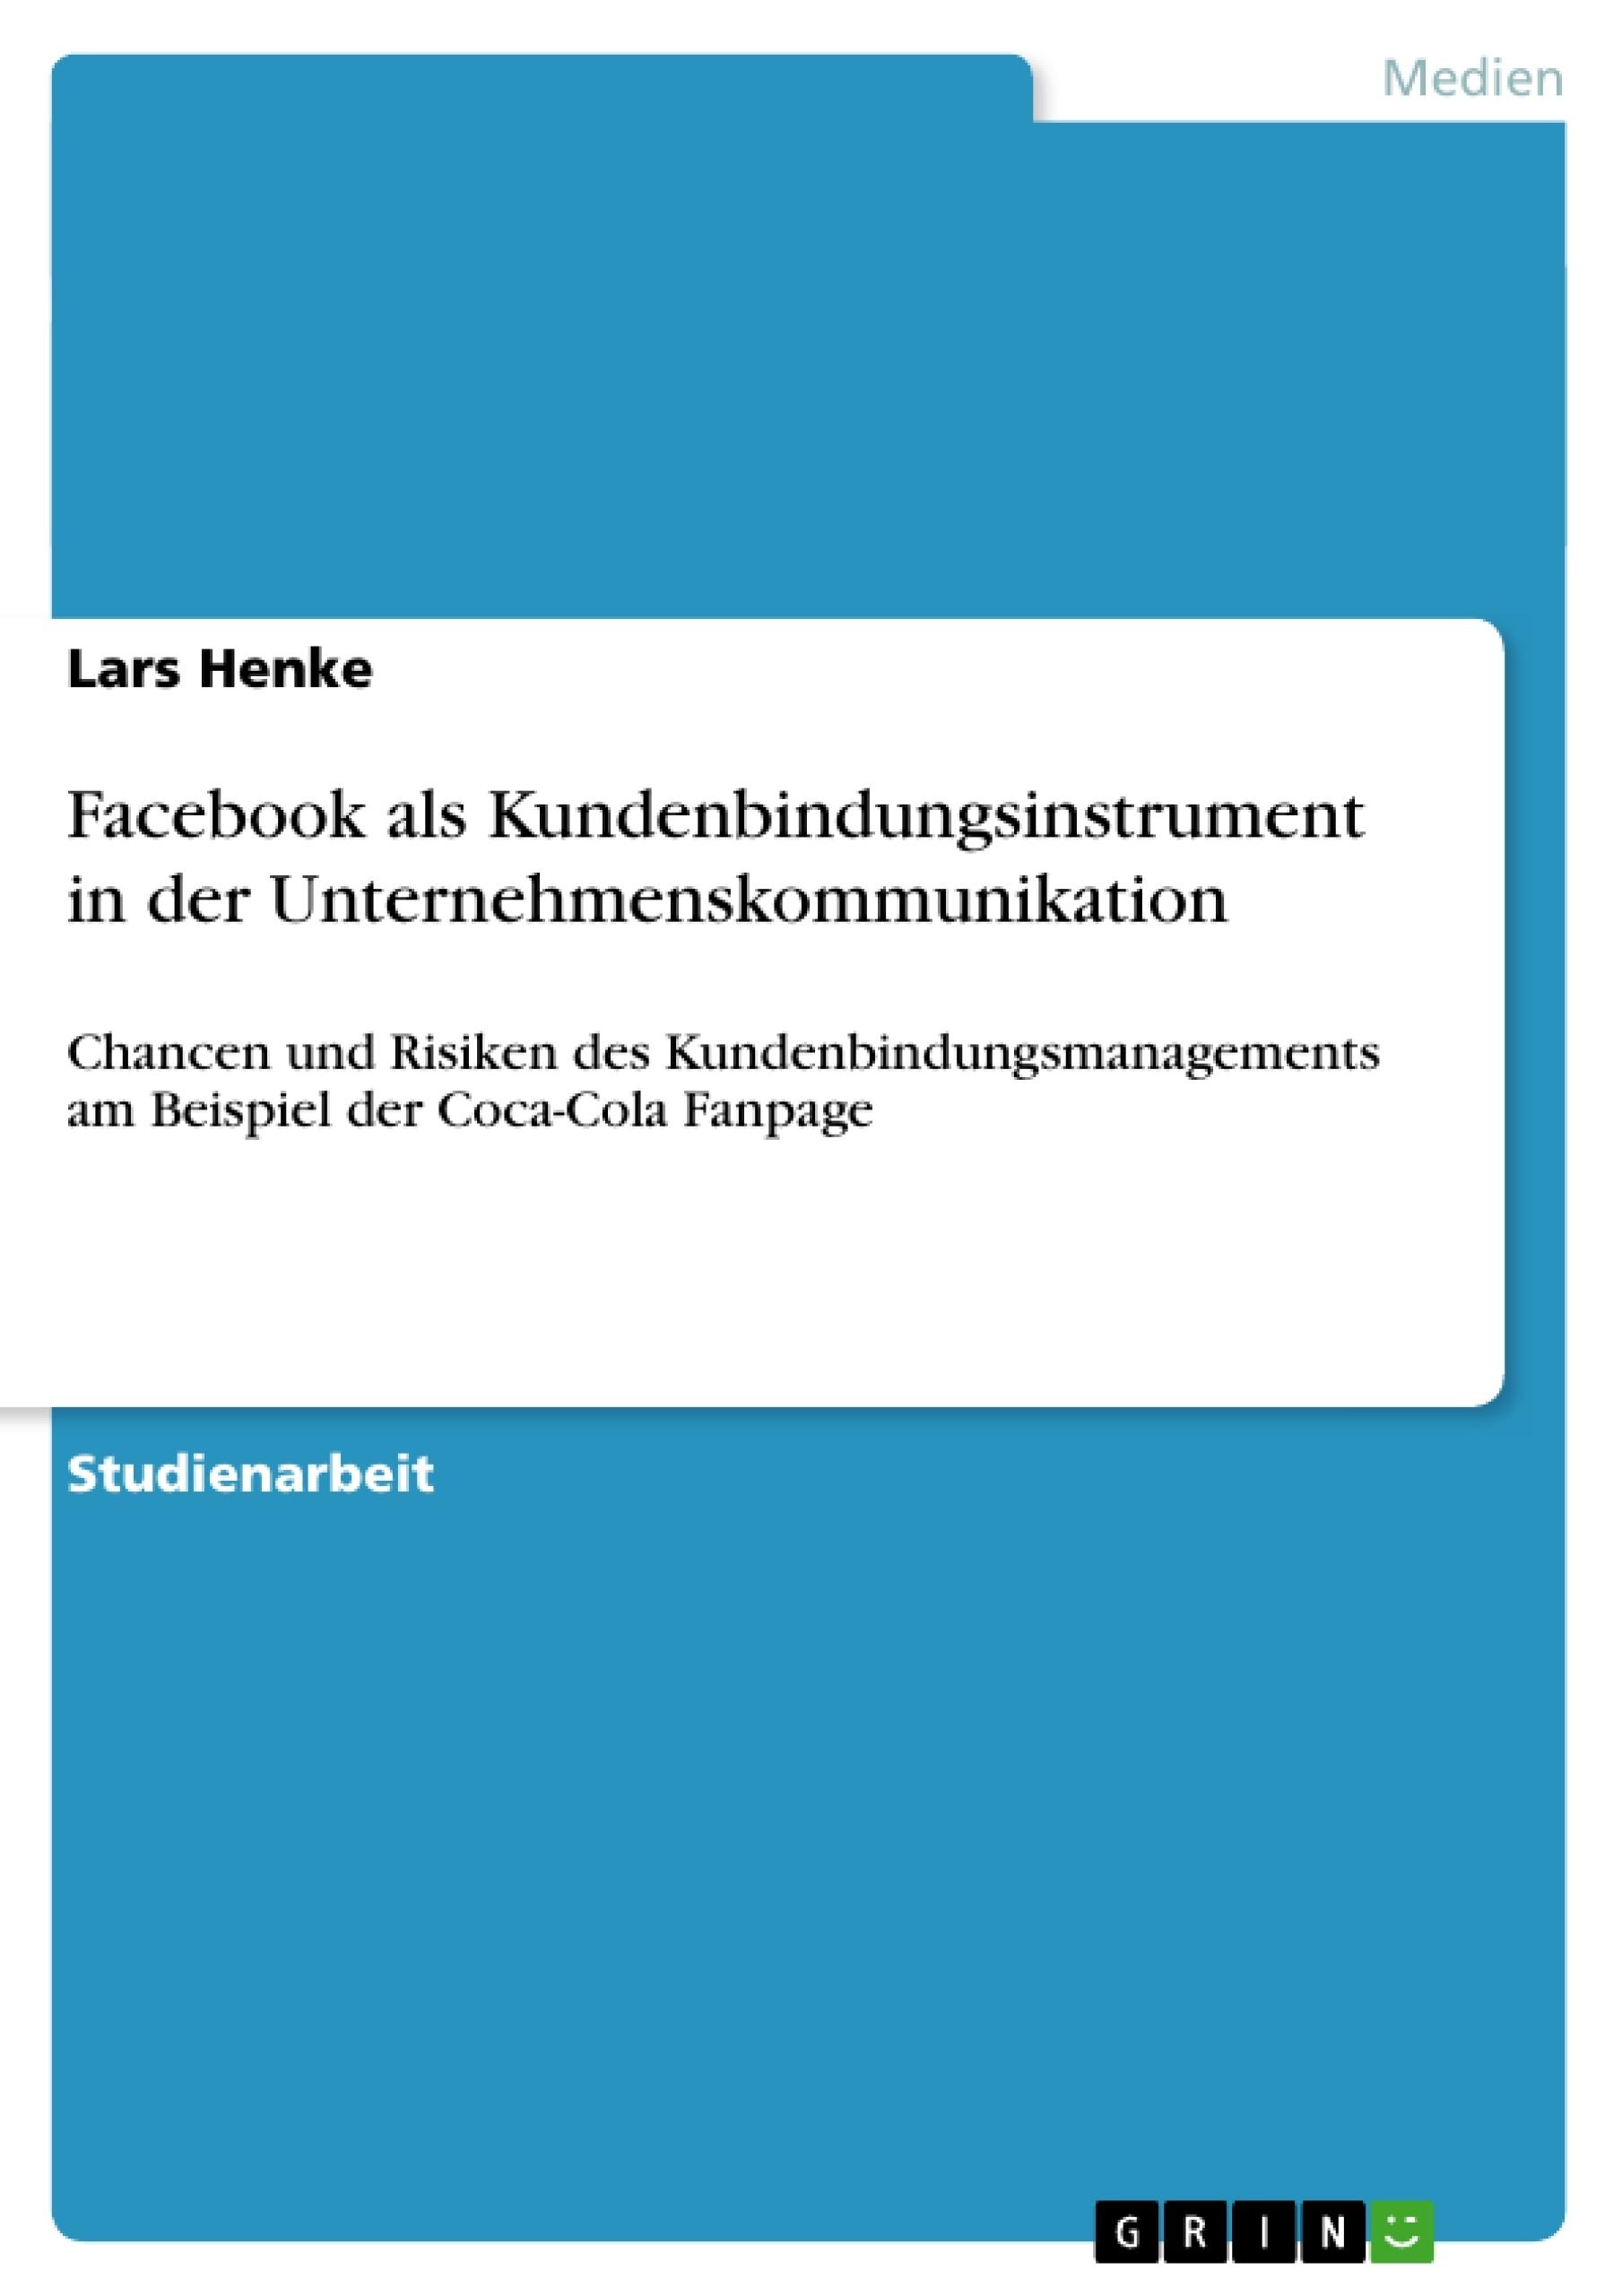 Titel: Facebook als Kundenbindungsinstrument in der Unternehmenskommunikation